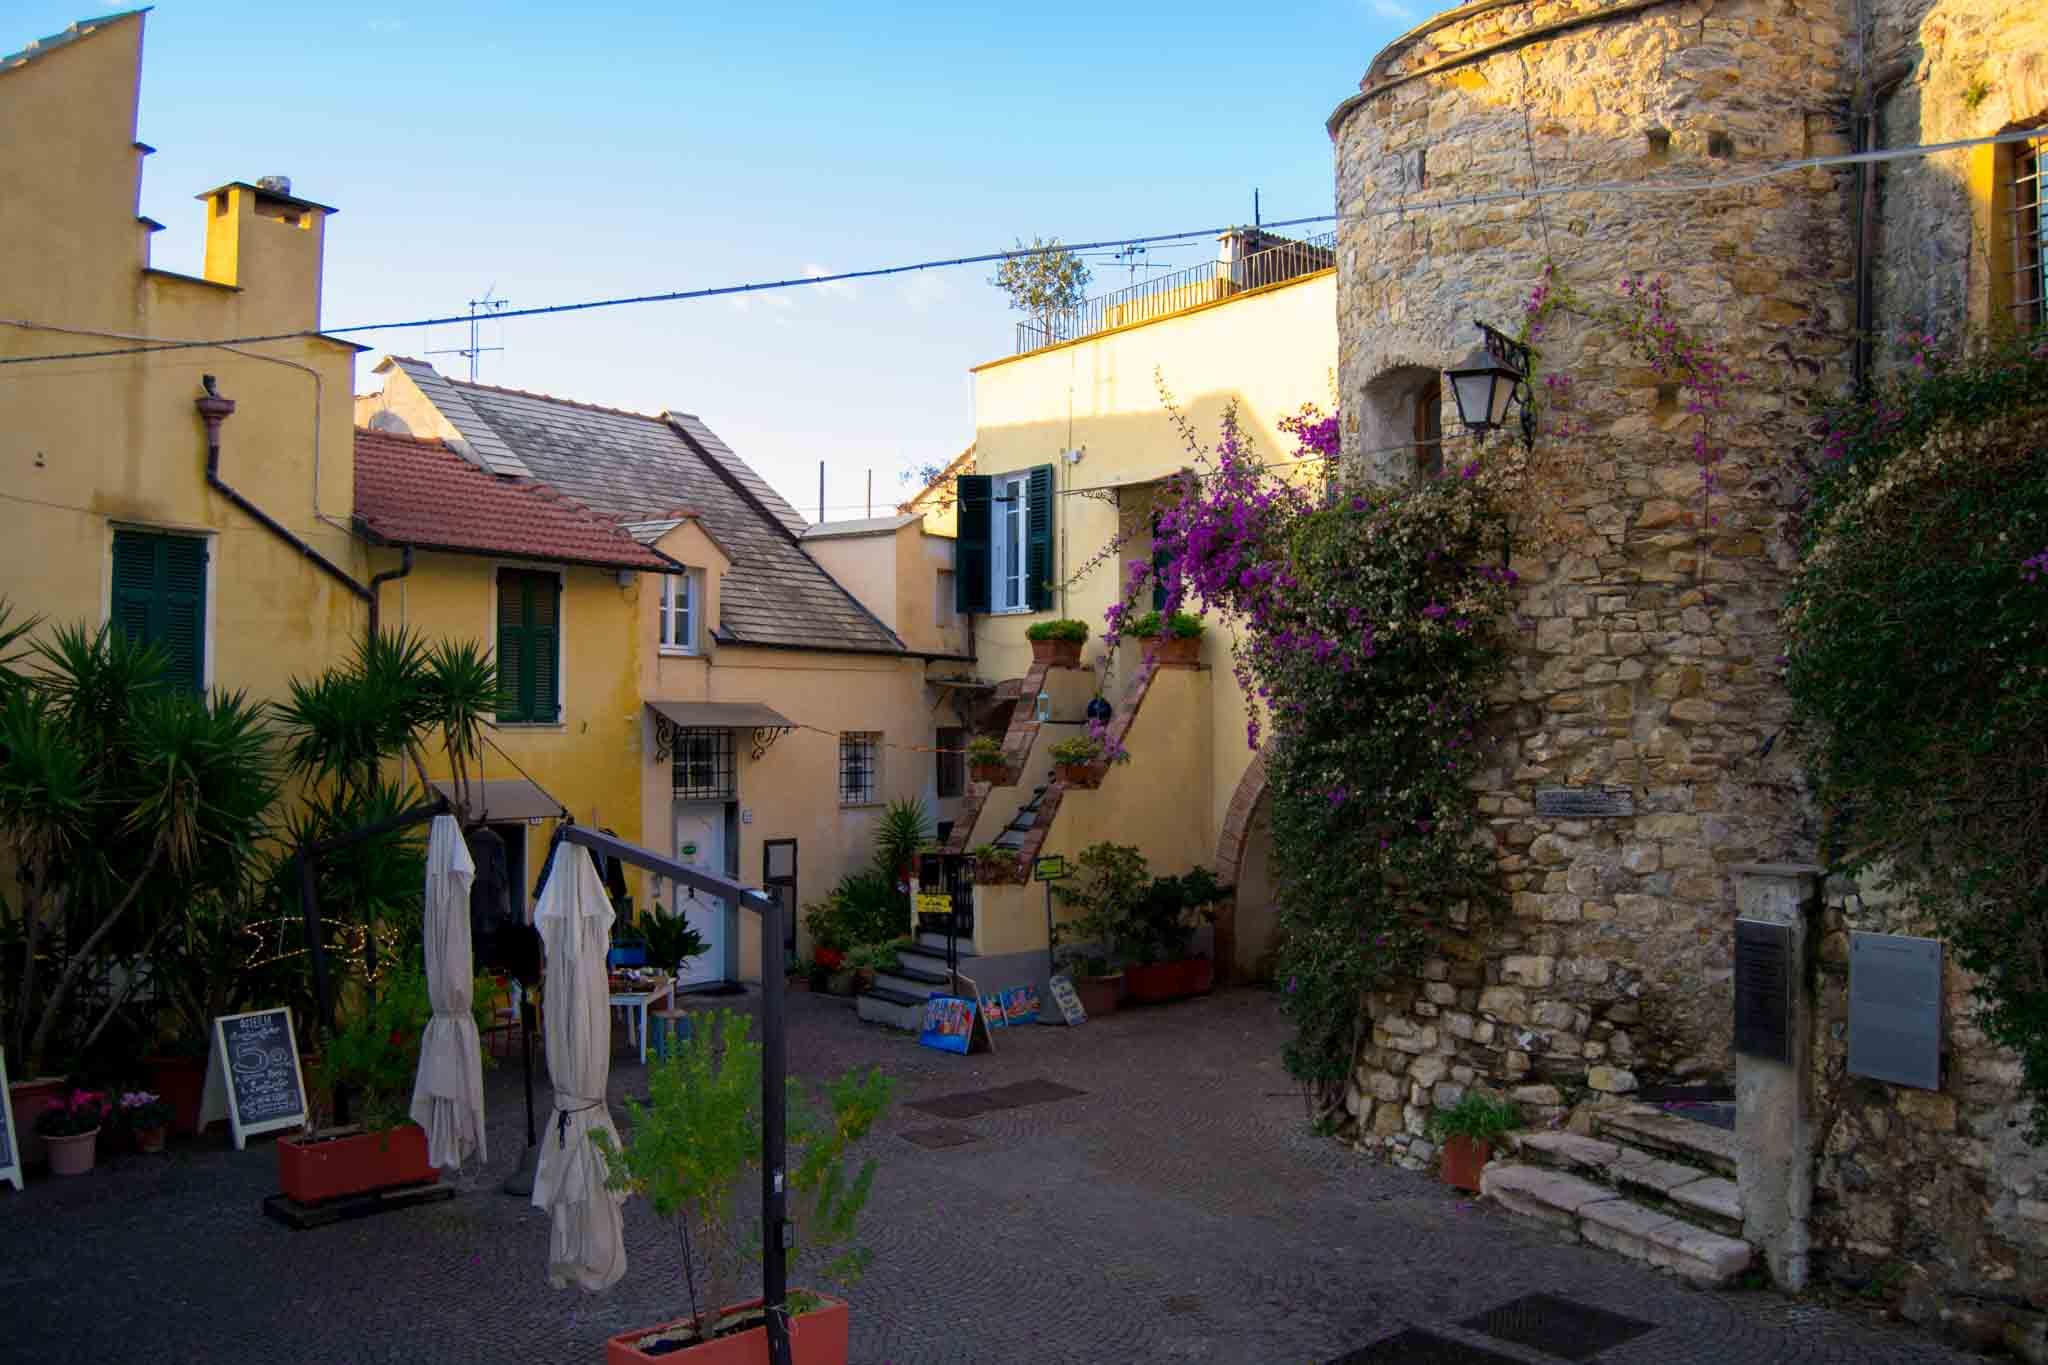 Liguria ponente: i borghi più belli